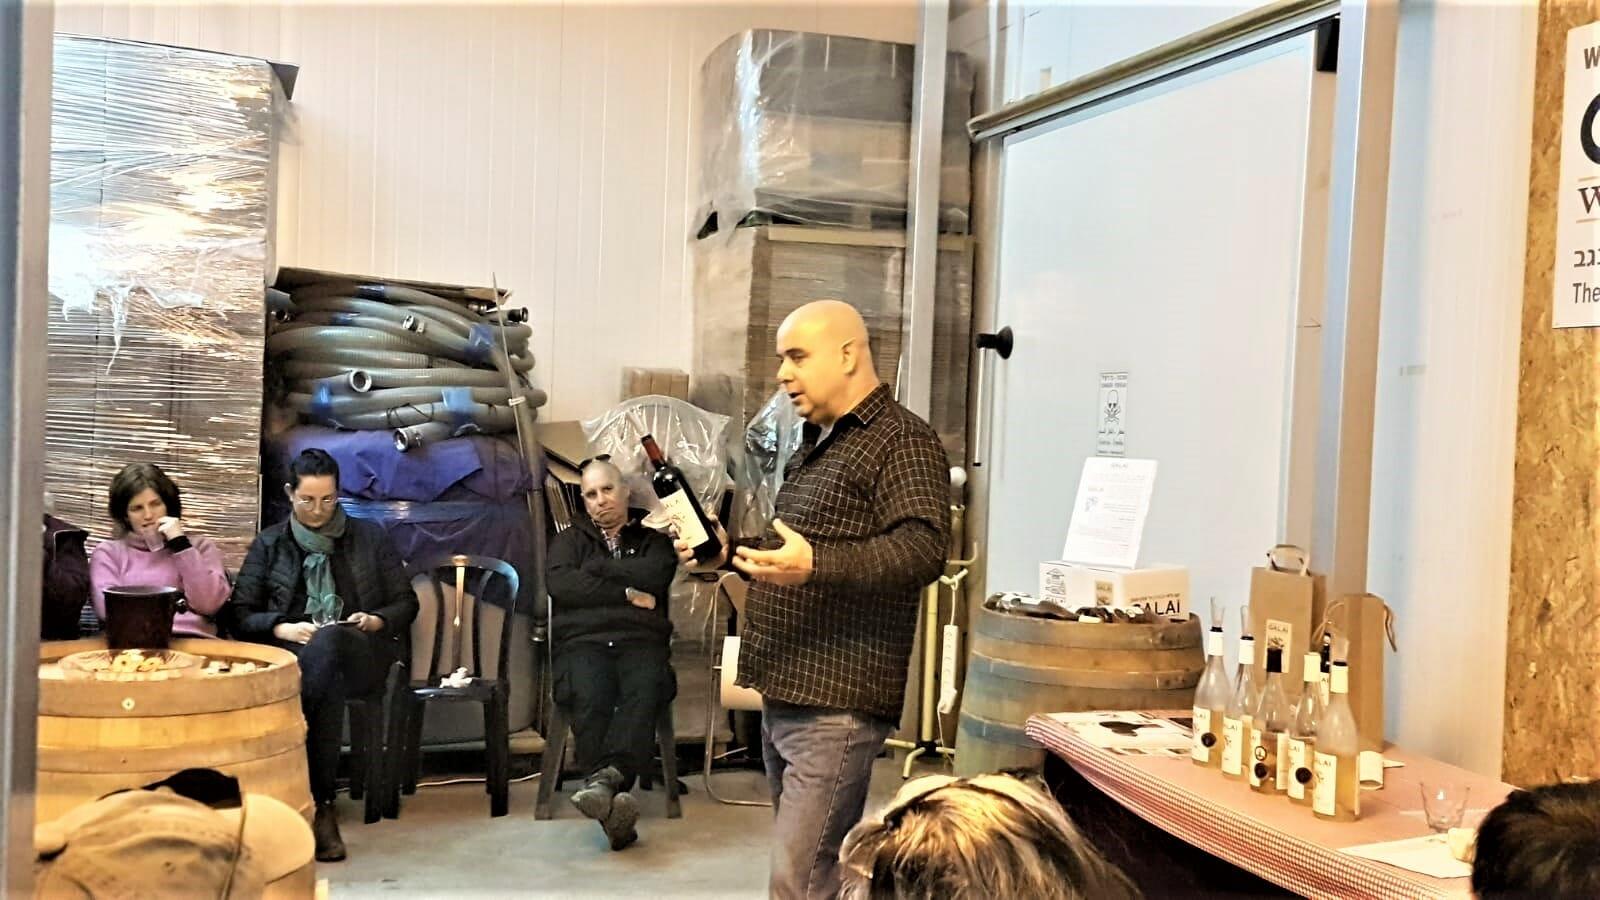 ביקור וטעימות ביקב גלאי עם מנהלים מקיבוץ מעלה החמישה